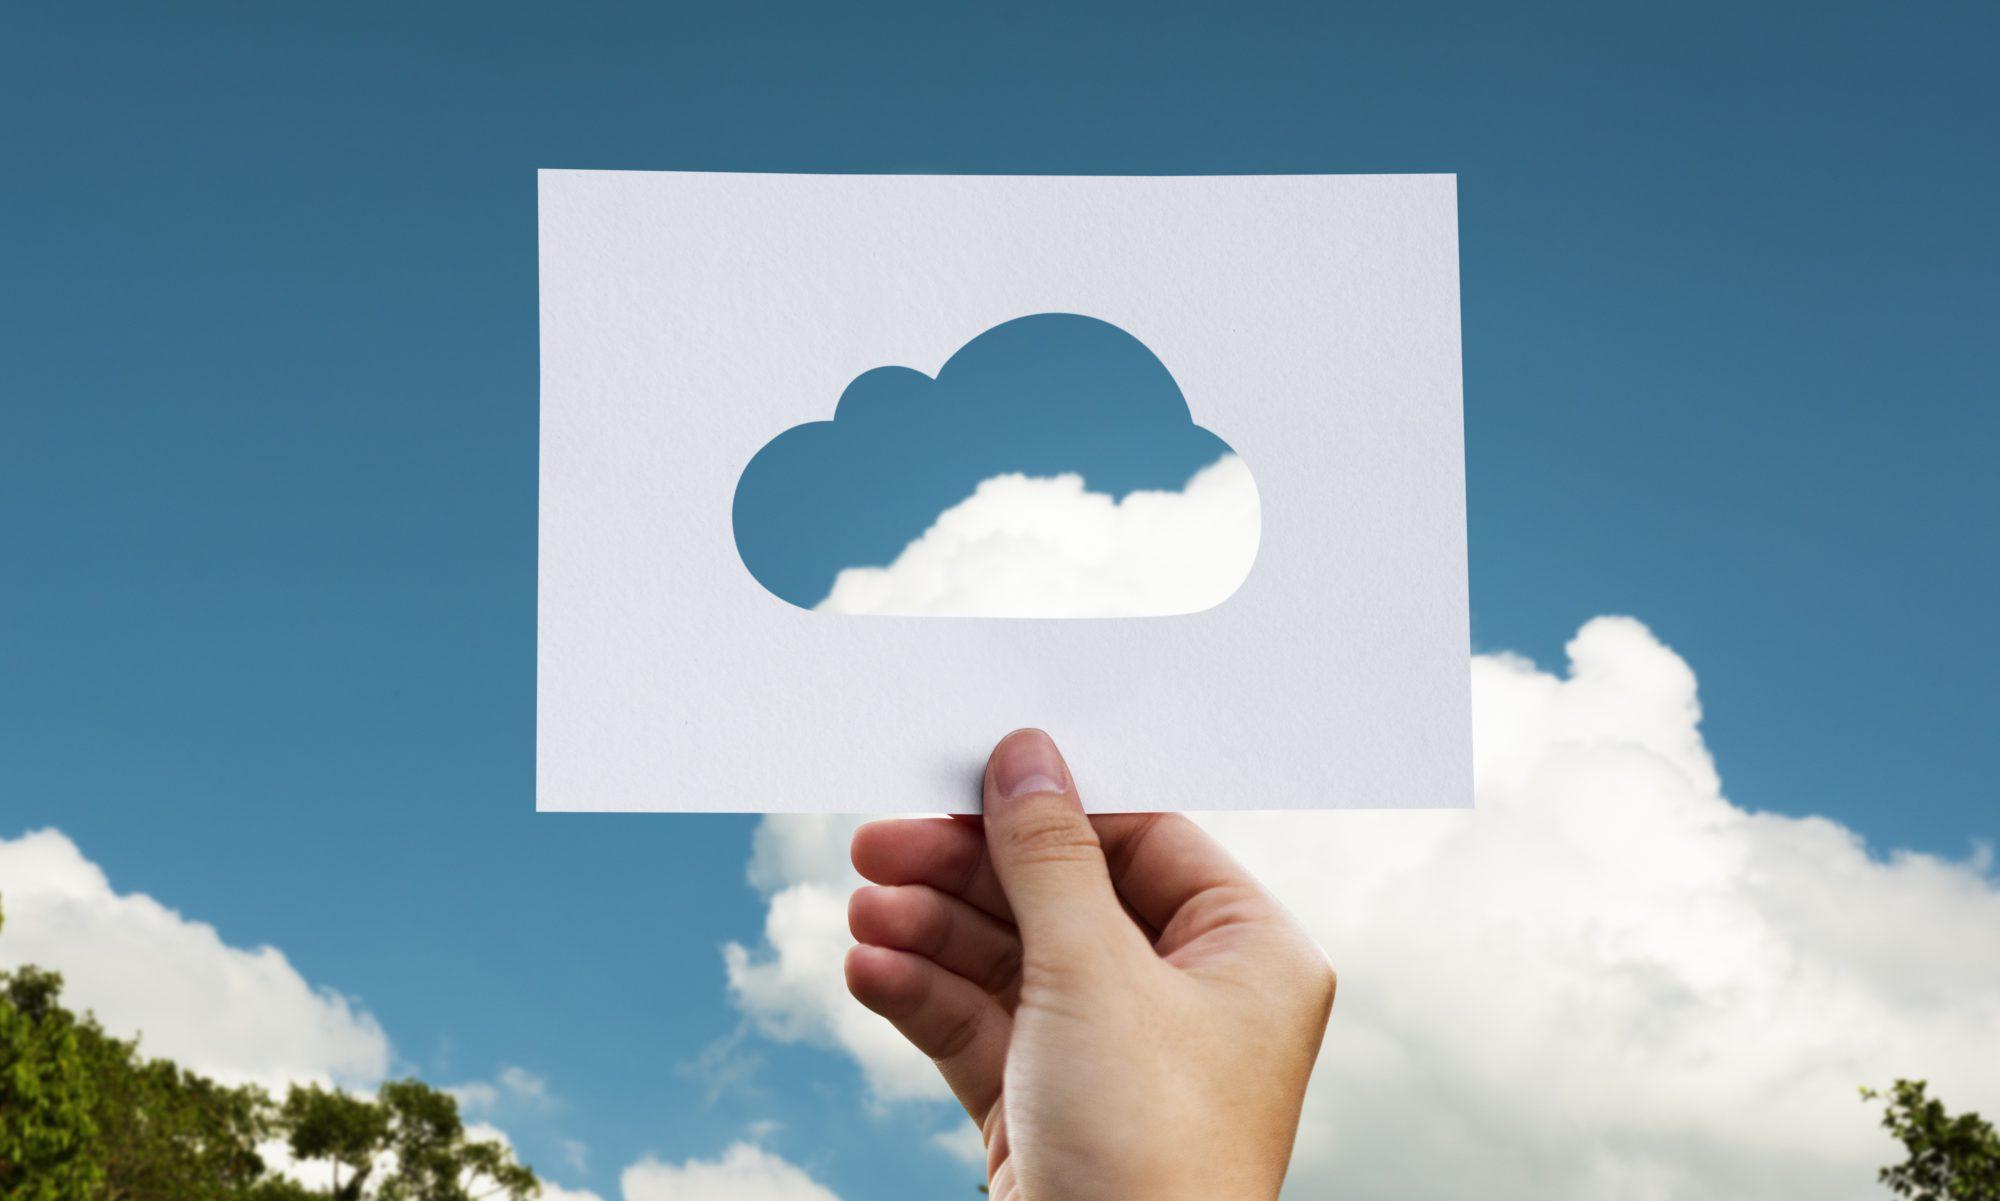 SAP annuncia nuovi servizi cloud basati sui dati per le imprese intelligenti